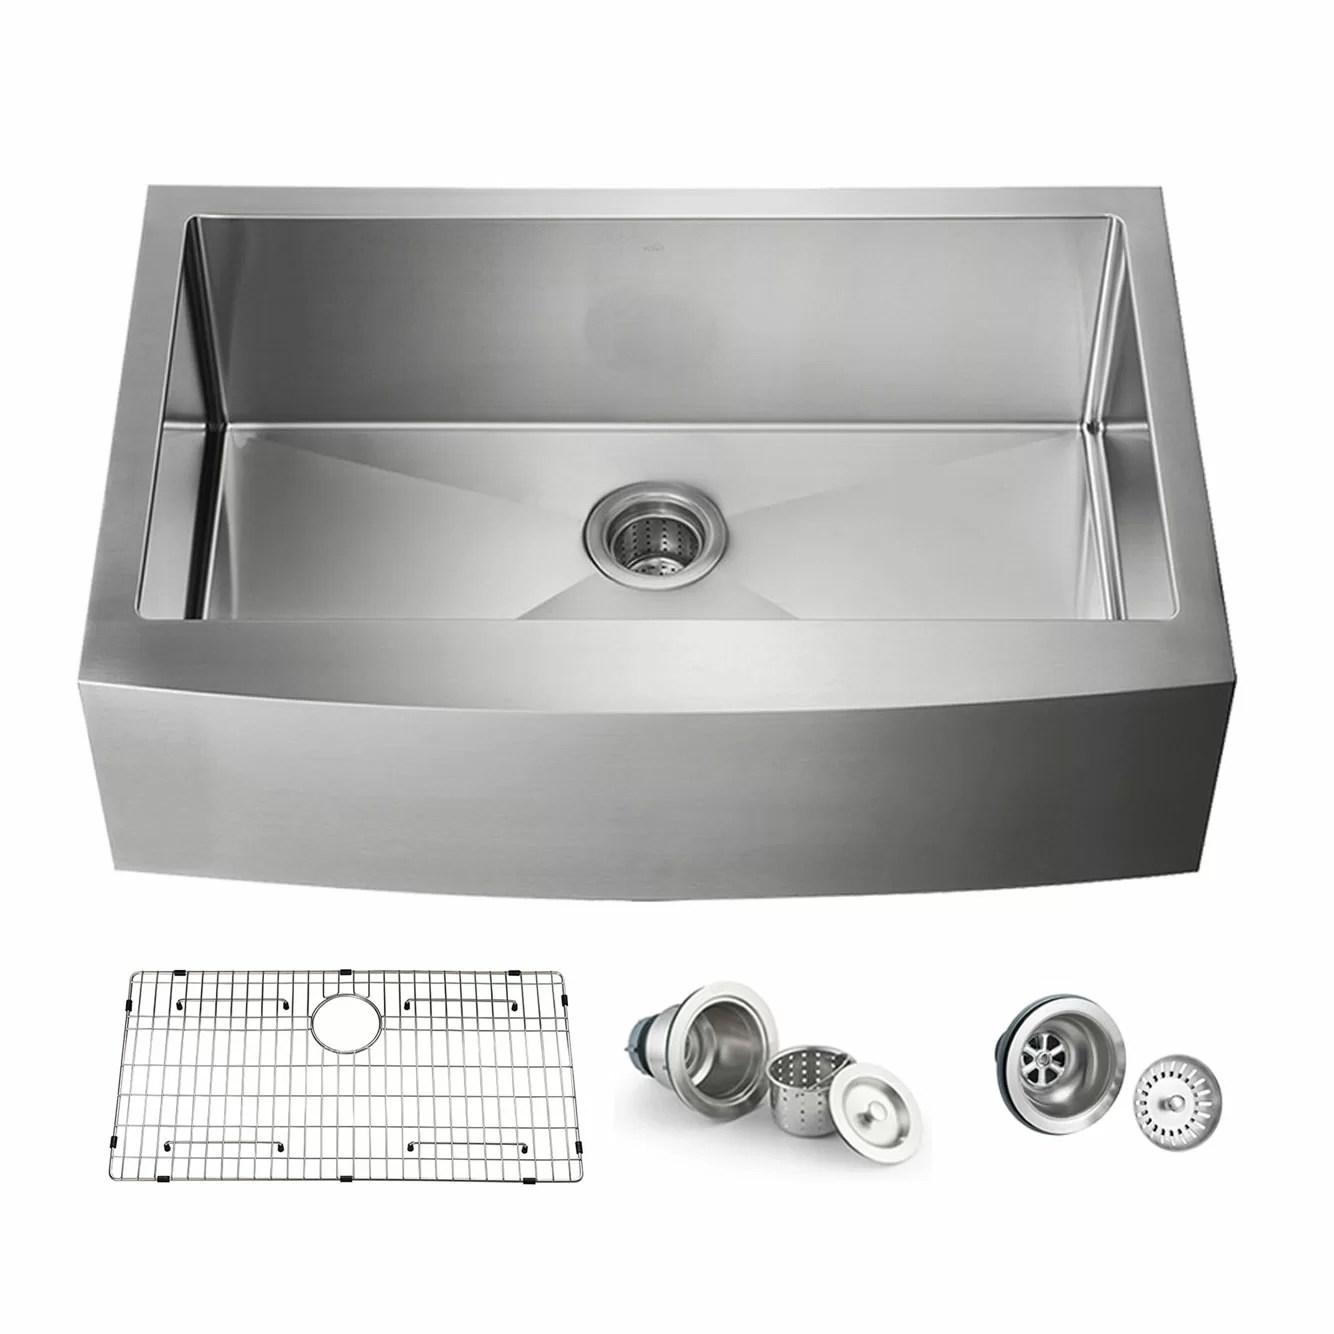 handcrafted stainless steel 36 l x 22 w undermount kitchen sinks